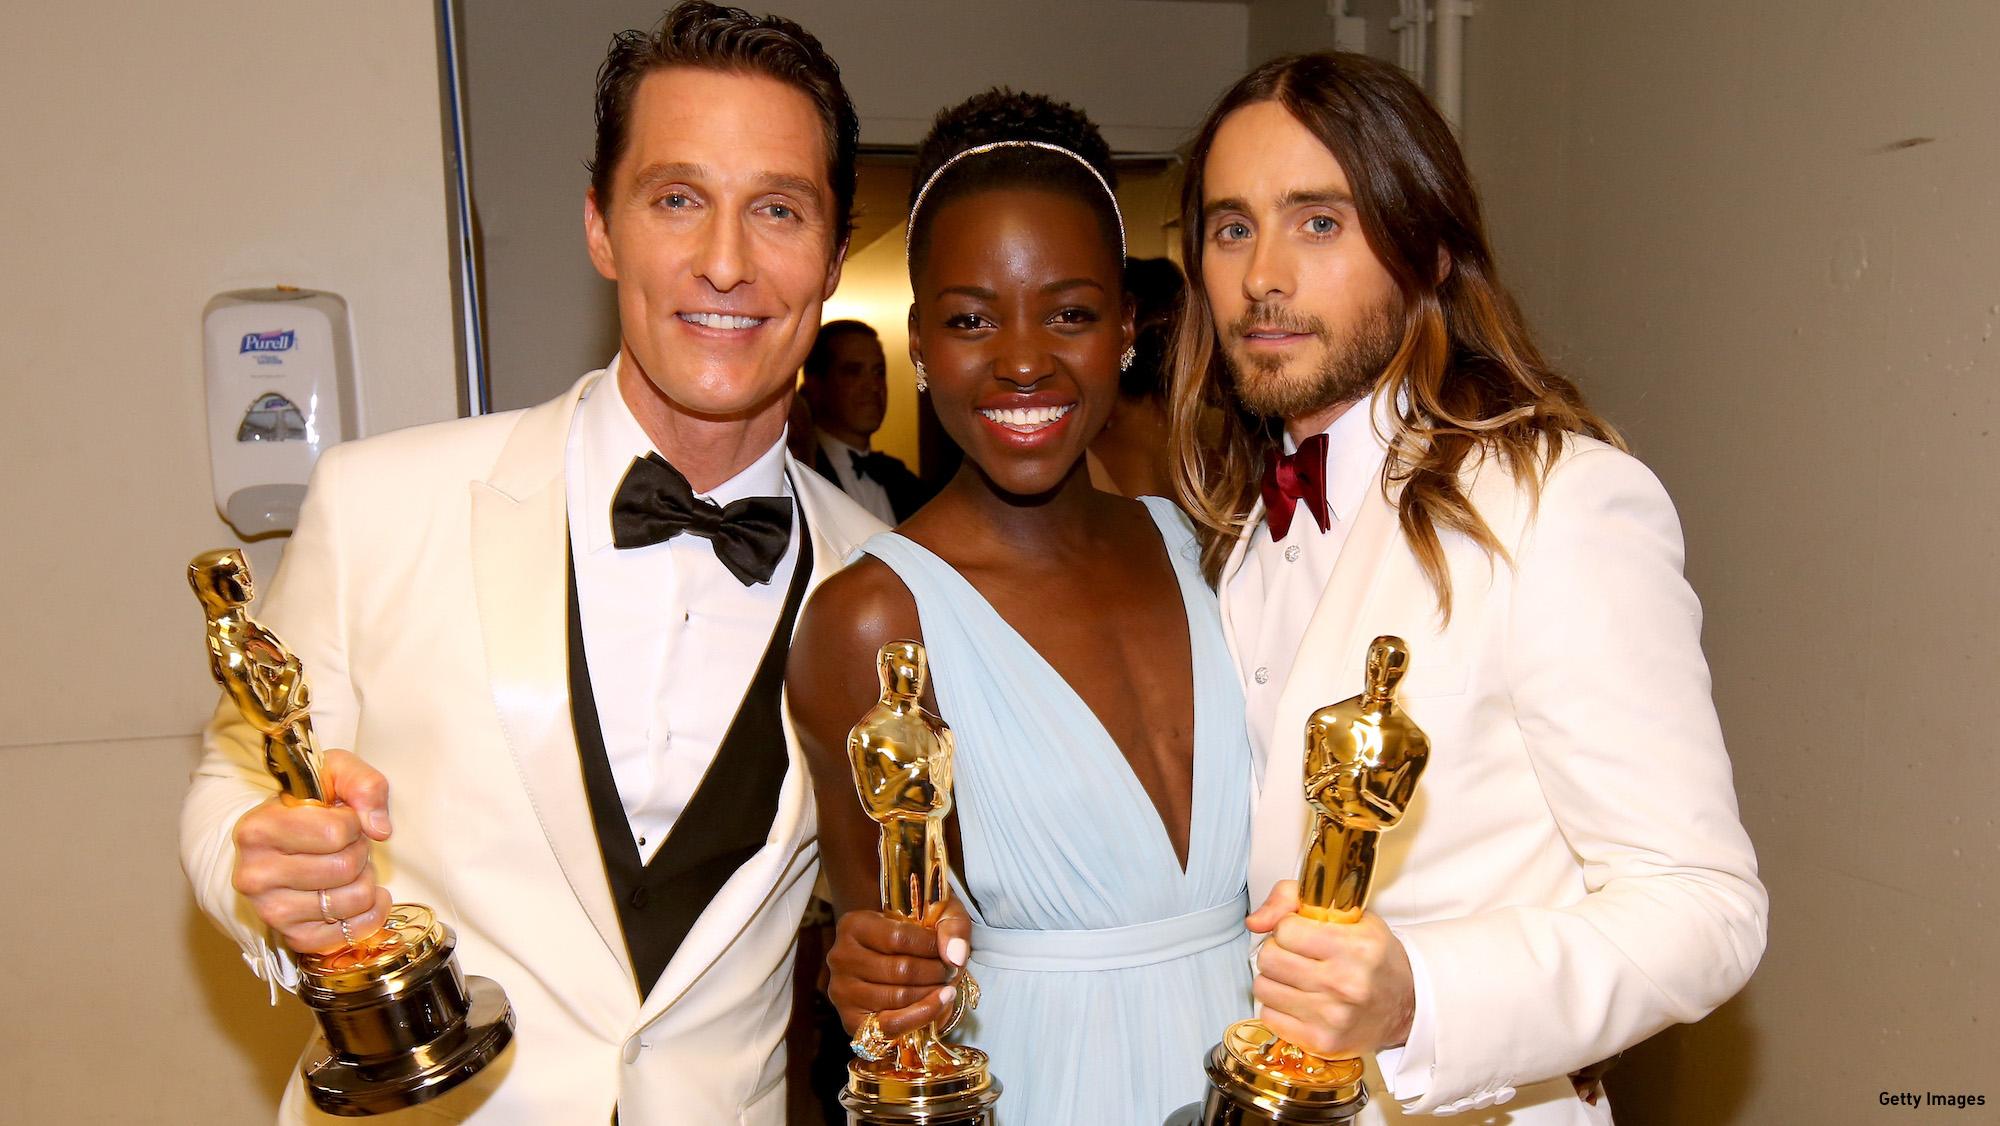 Bafta: BAFTAs Vs. Oscars: What Winning Means